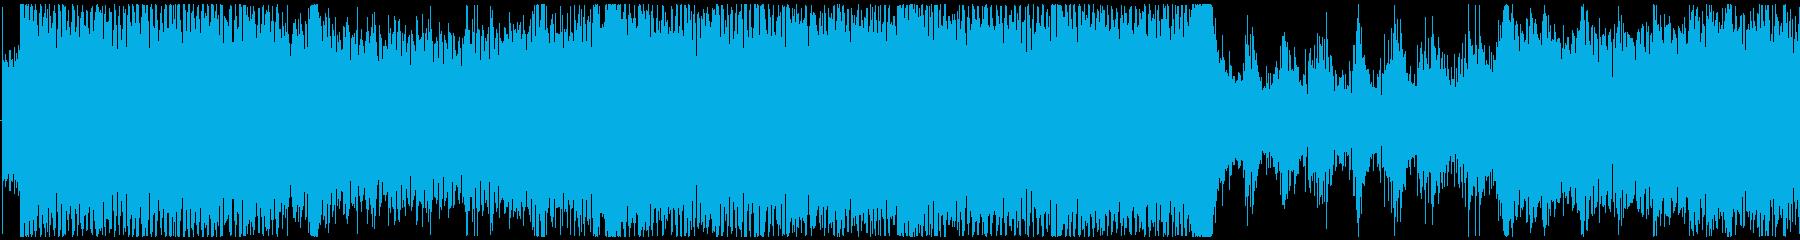 ゲーム・テクノトランス系のバトルEDM曲の再生済みの波形